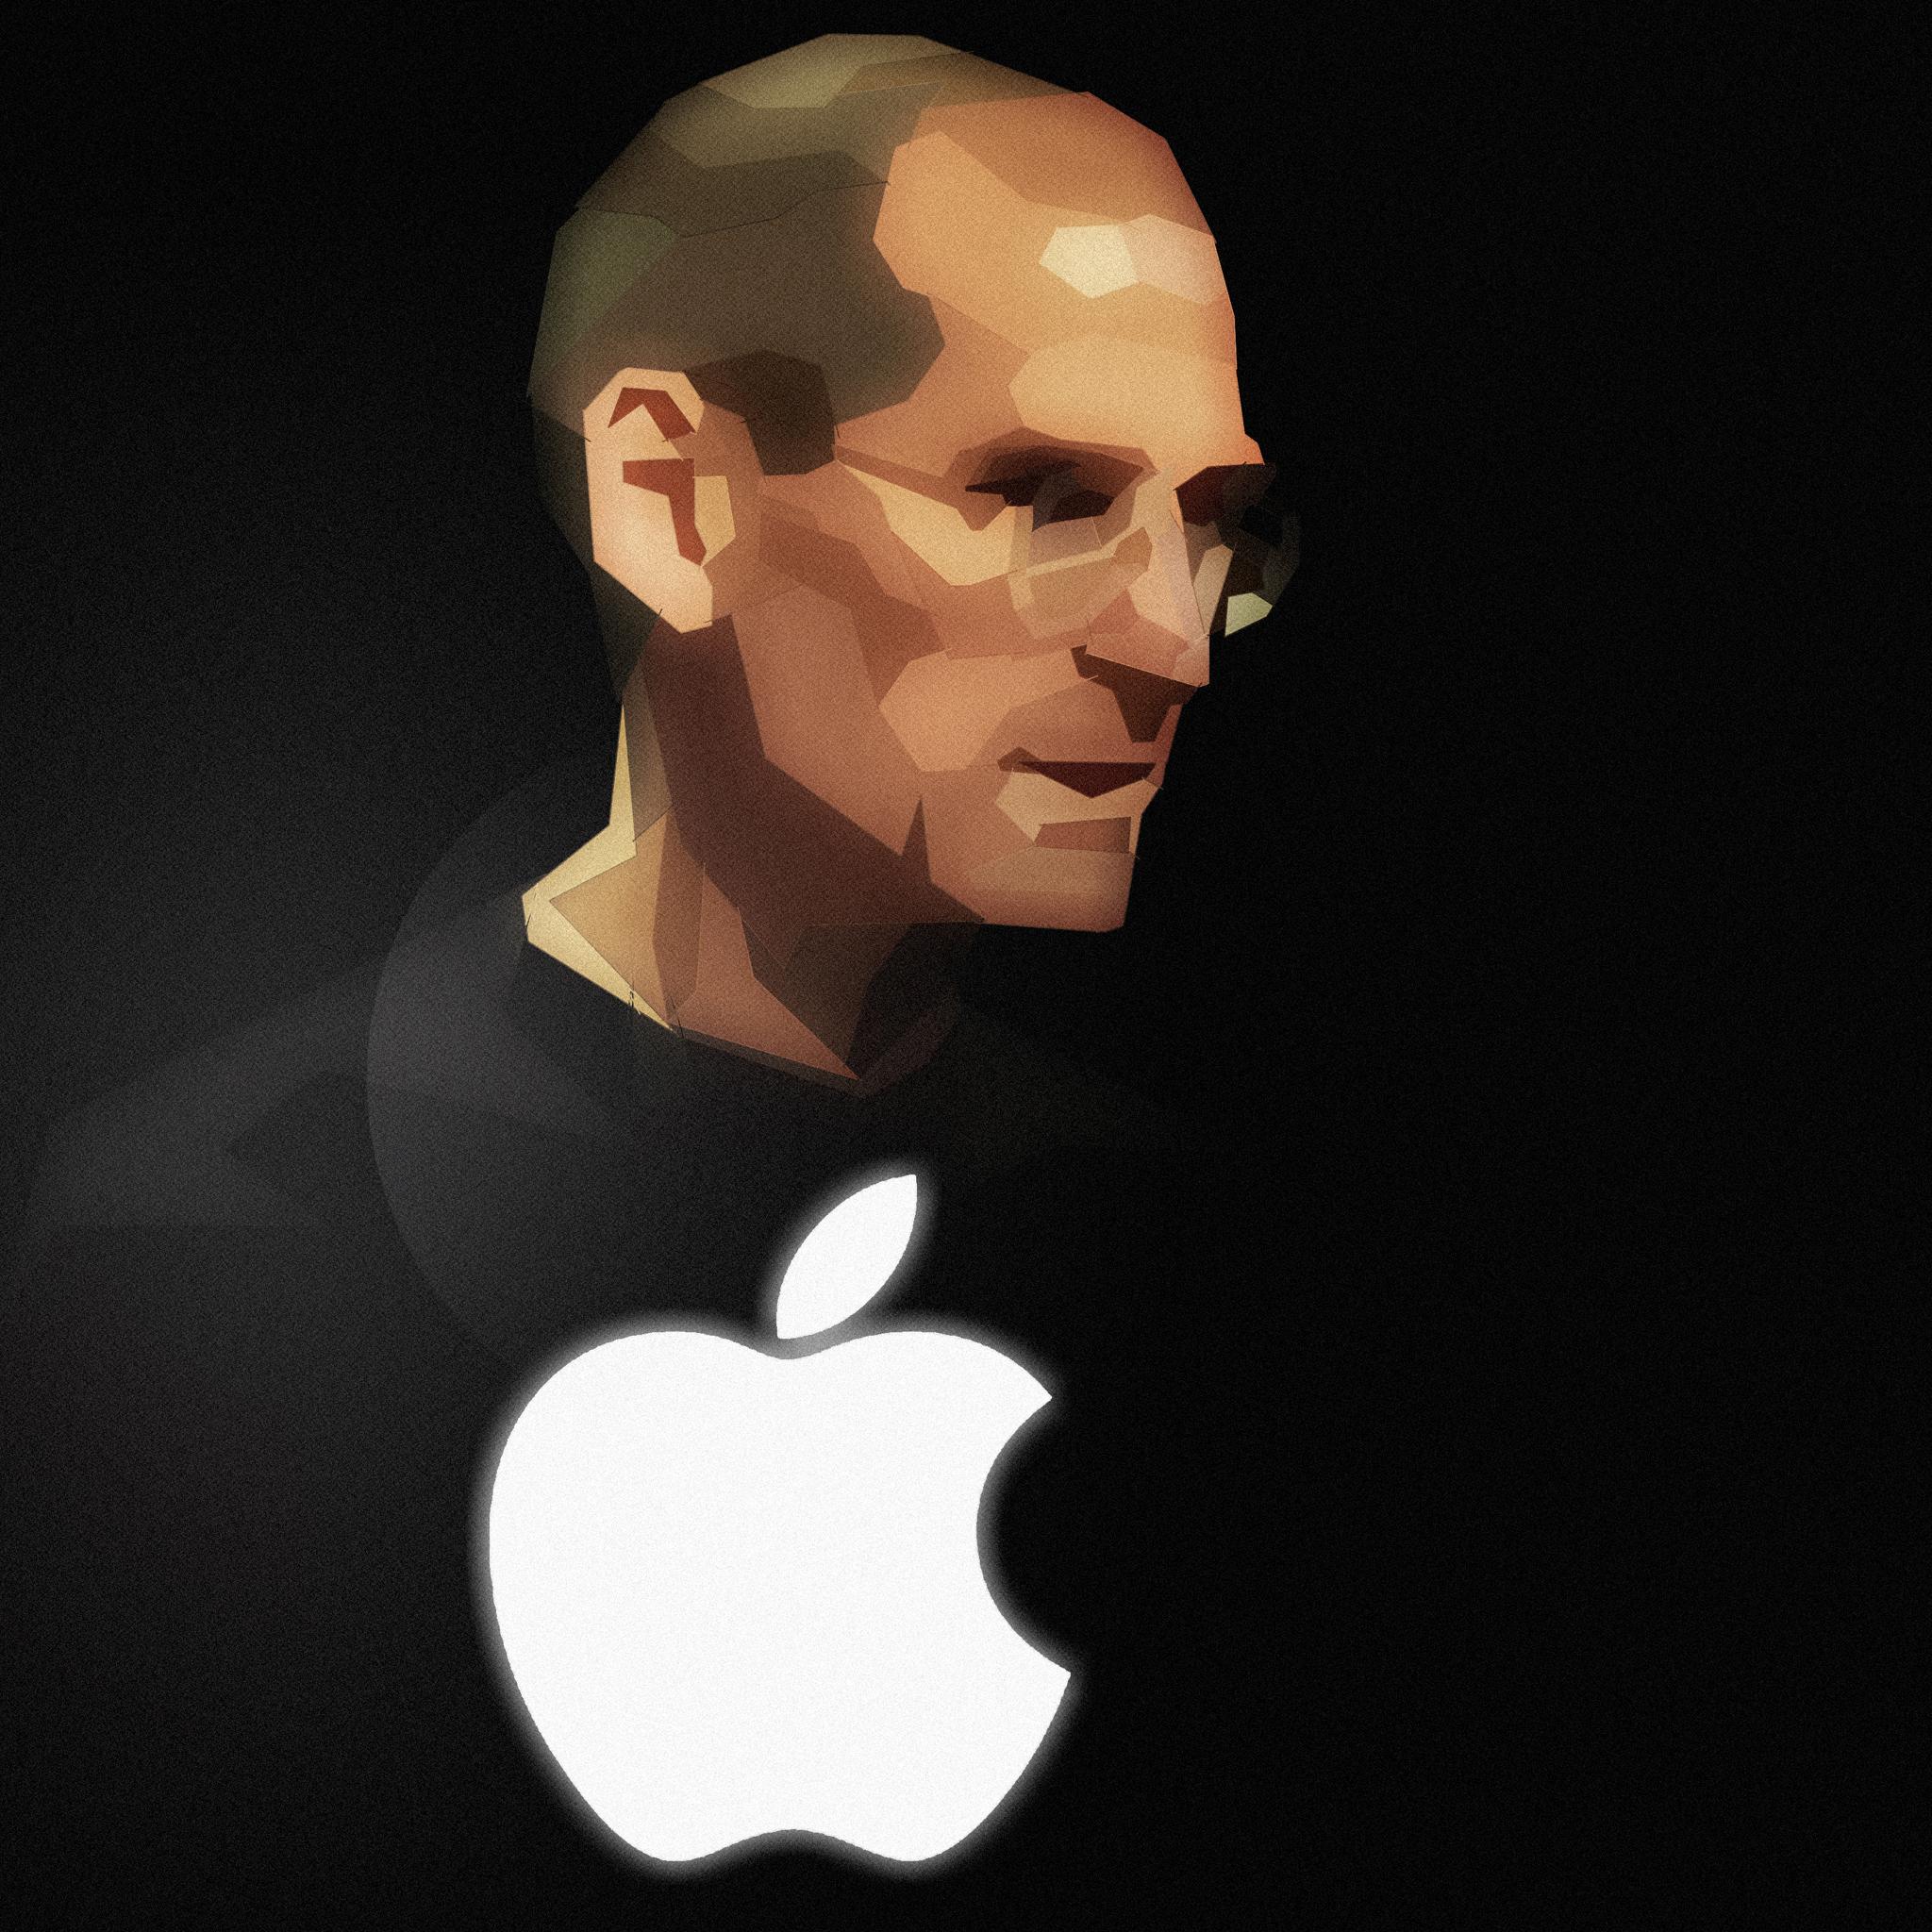 Steve_Jobs_Apple_3Wallpapers_iPad